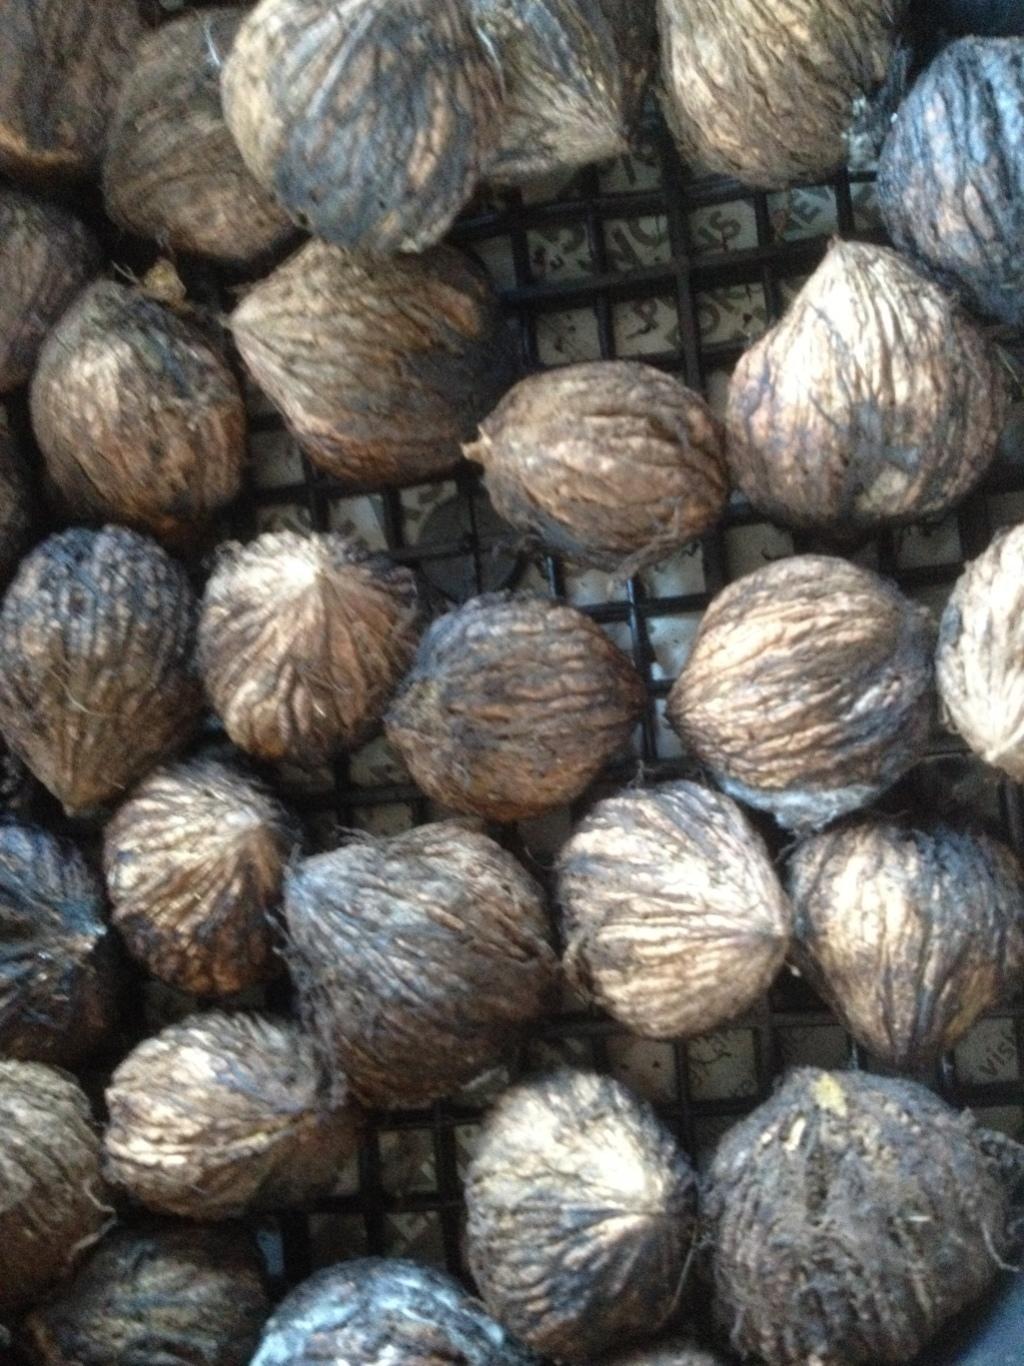 Black Walnuts Dried